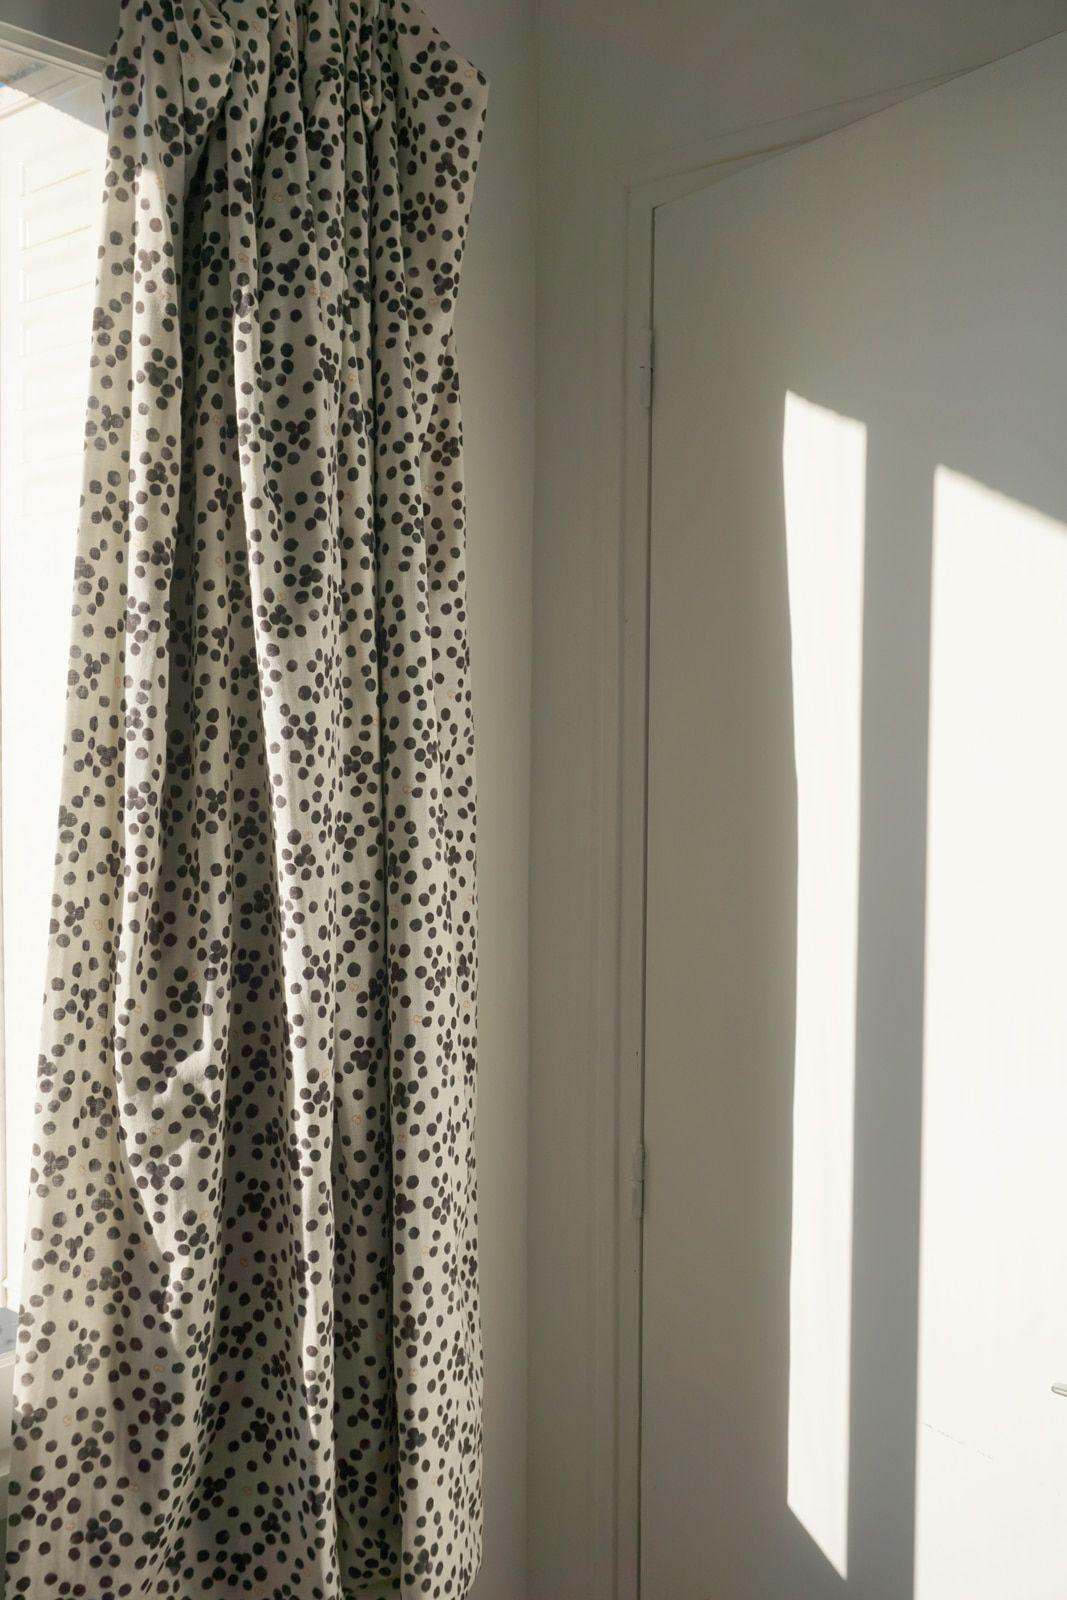 Rideau sur-mesure – Tissu coton imprime pois dalmatien